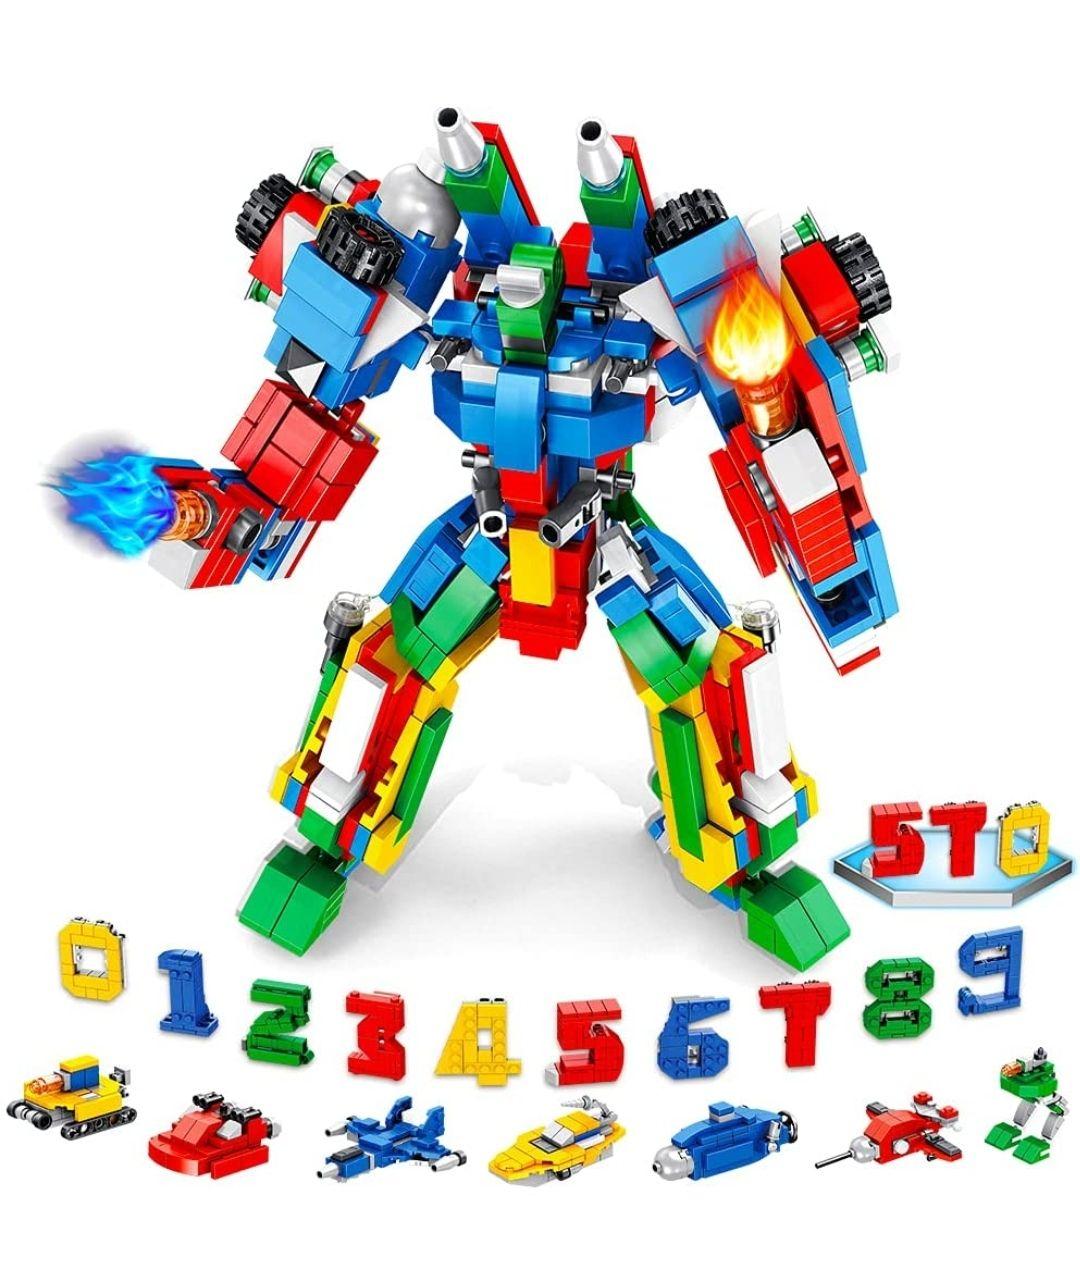 Juego educativo de construcción,570 piezas,robot .